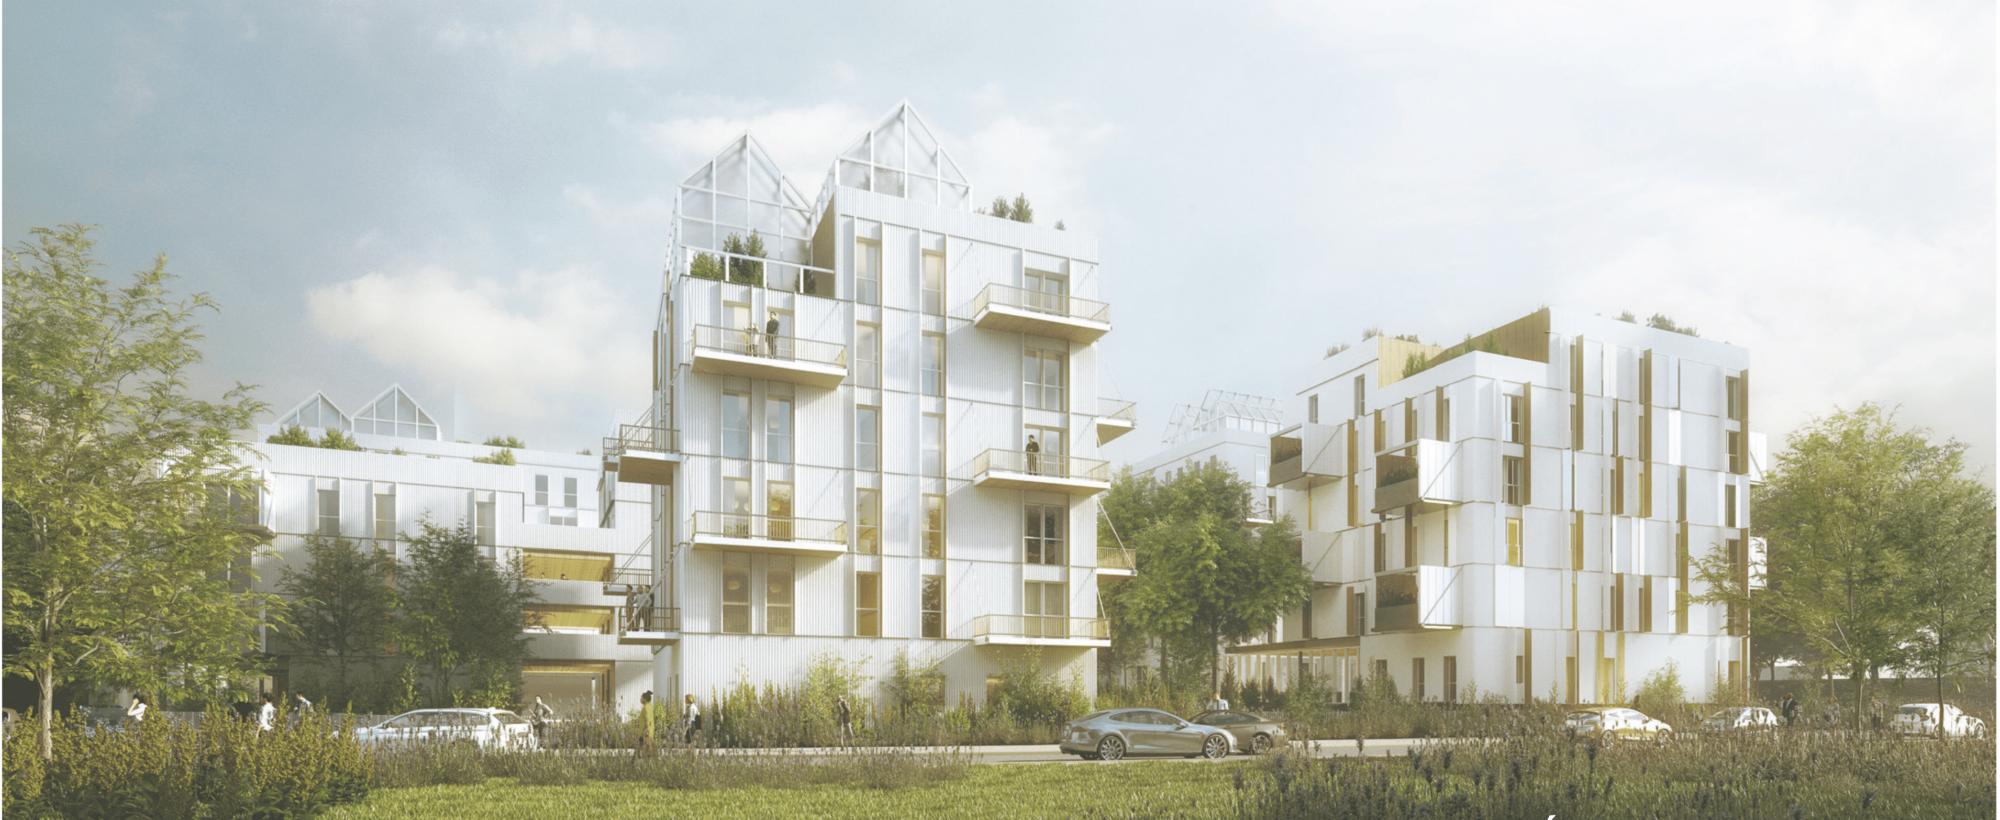 Conception de 122 logements sur l'ilot S24 de la ZAC de Saint Martin du Touch